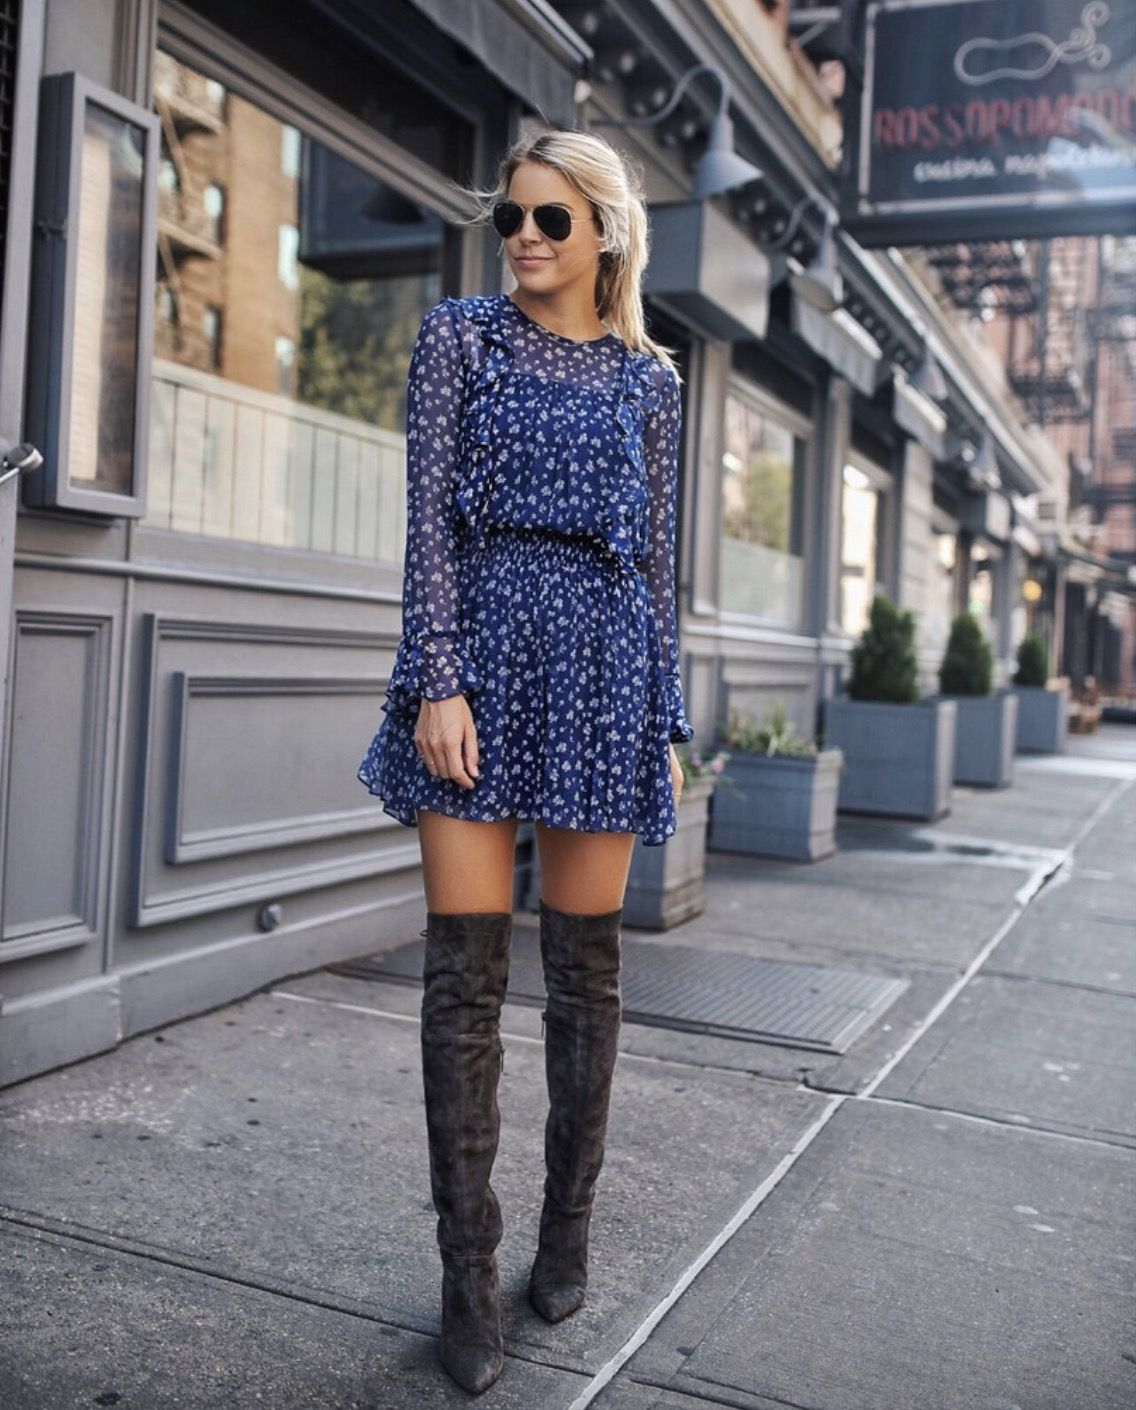 варьеганнефтегаз синее платье с серыми сапогами фото того